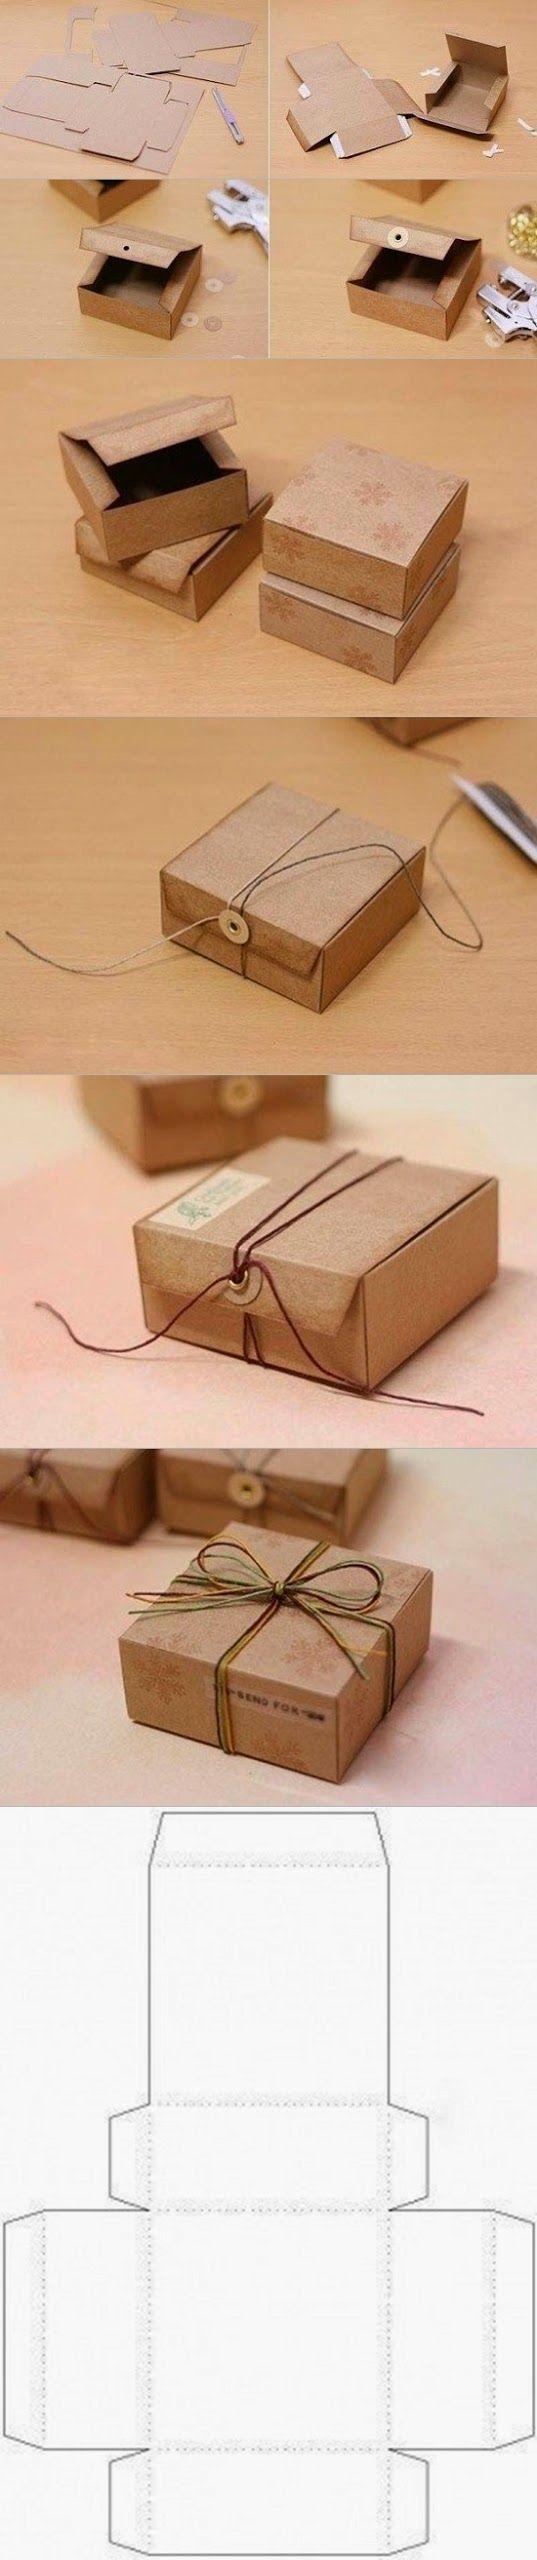 Делаем коробочку для подарка своими руками